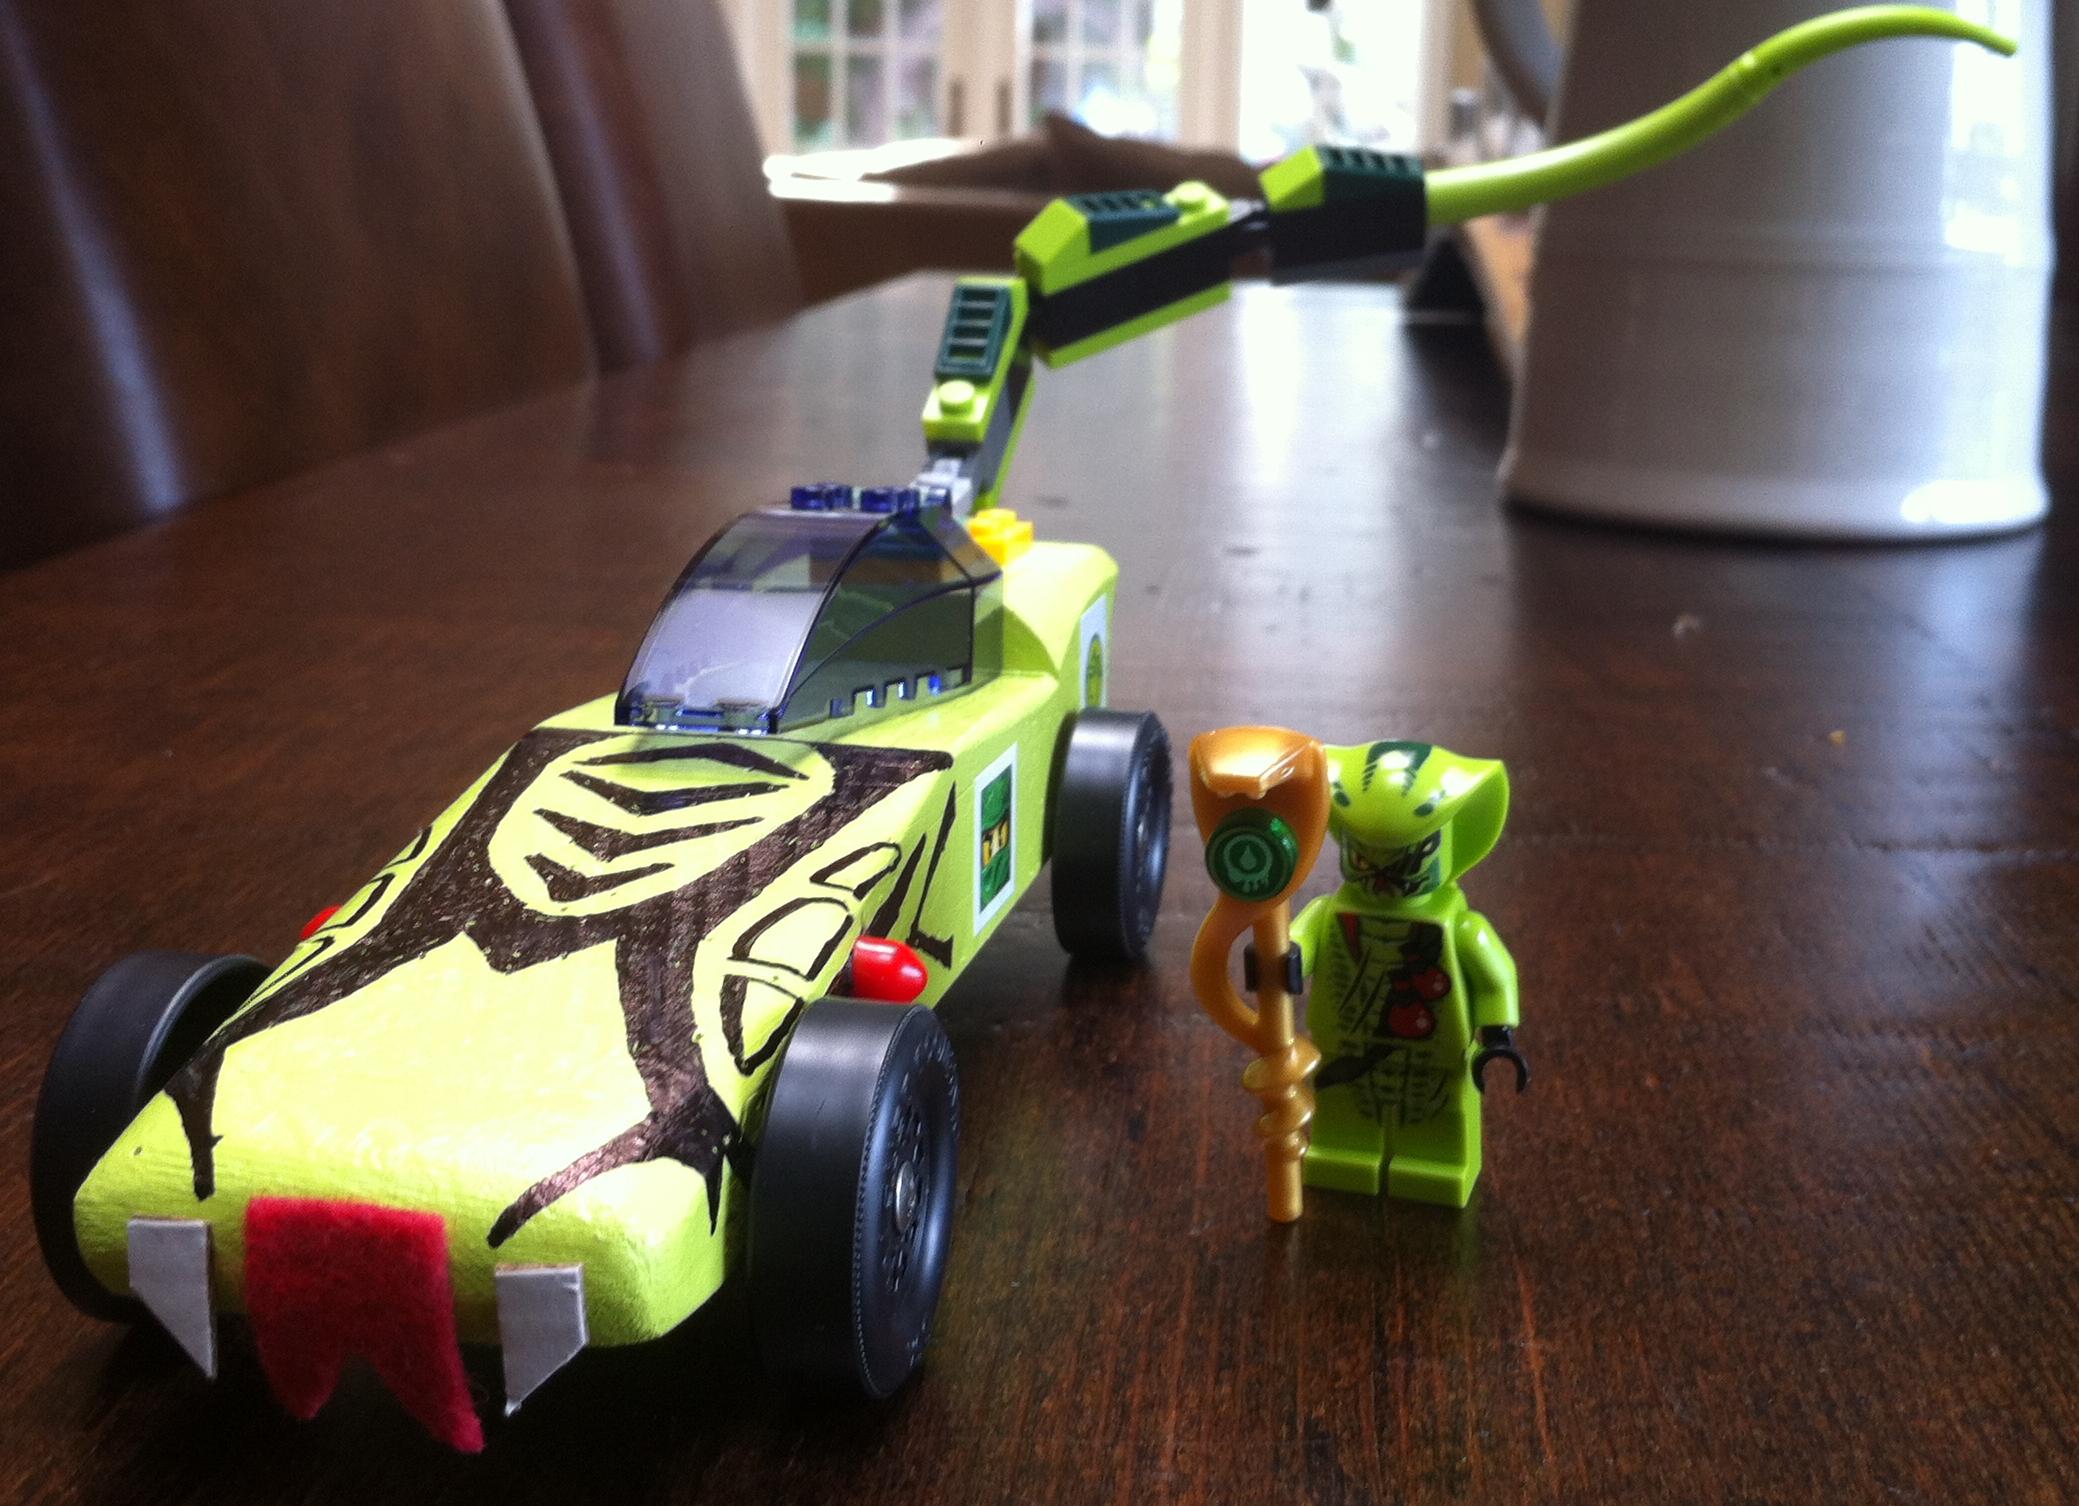 Pinewood Derby Car inspired by LEGO Ninjago